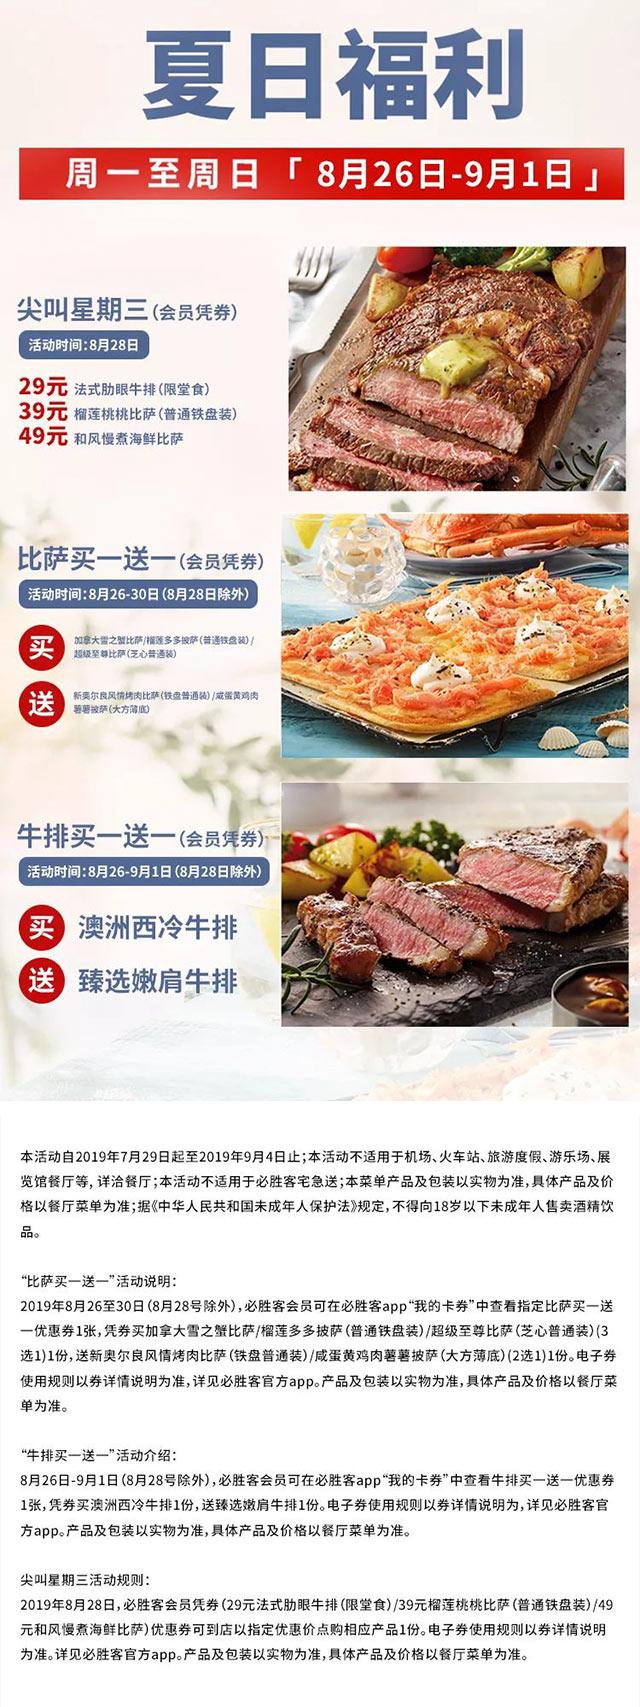 必胜客夏日福利比萨买一送一、牛排买一送一 有效期至:2019年9月4日 www.5ikfc.com